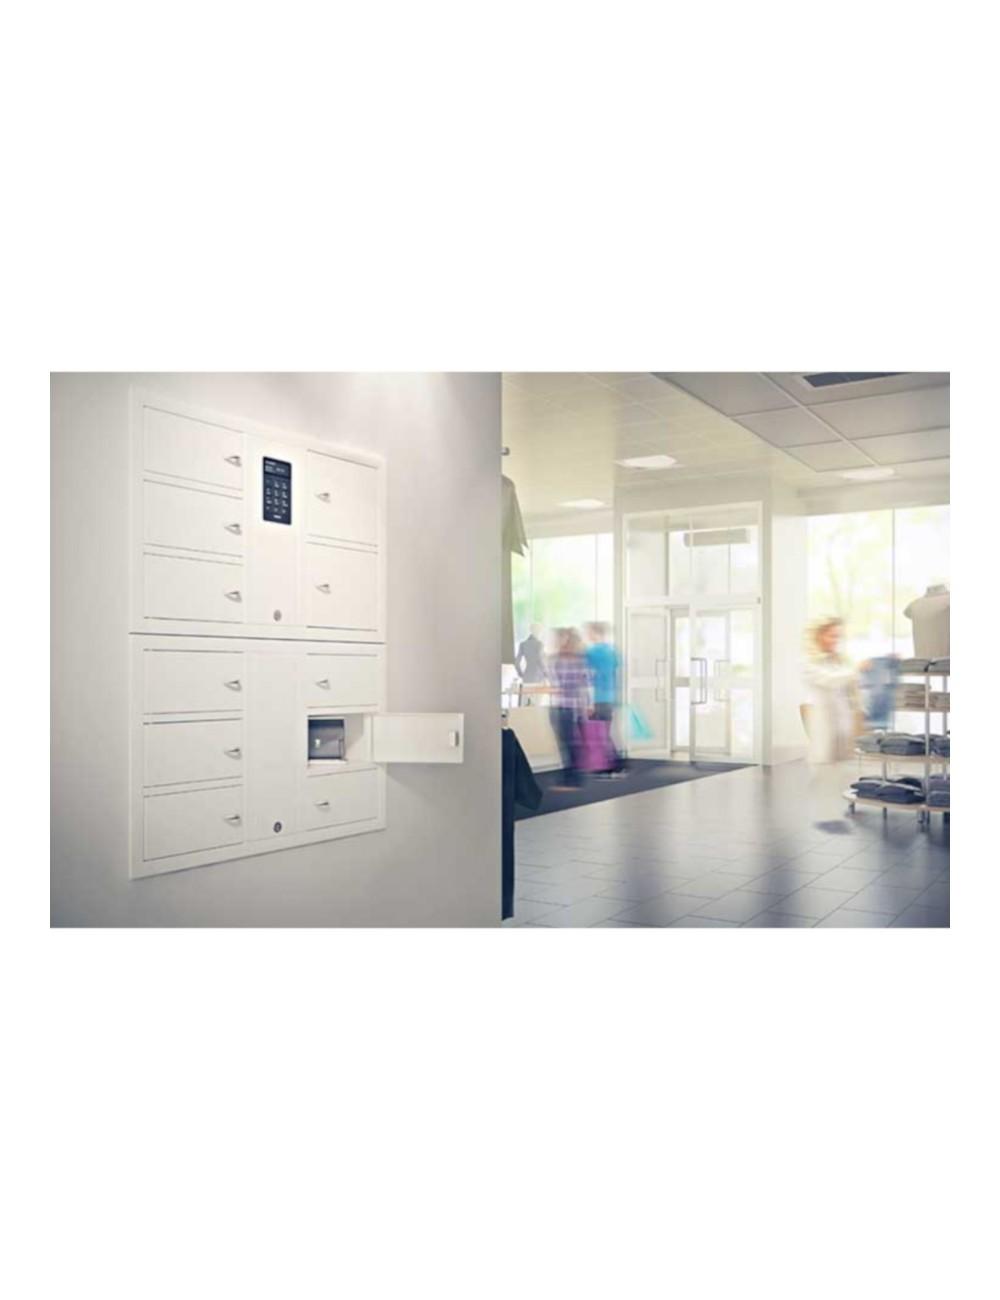 Exemple d'application casier autonome code électronique